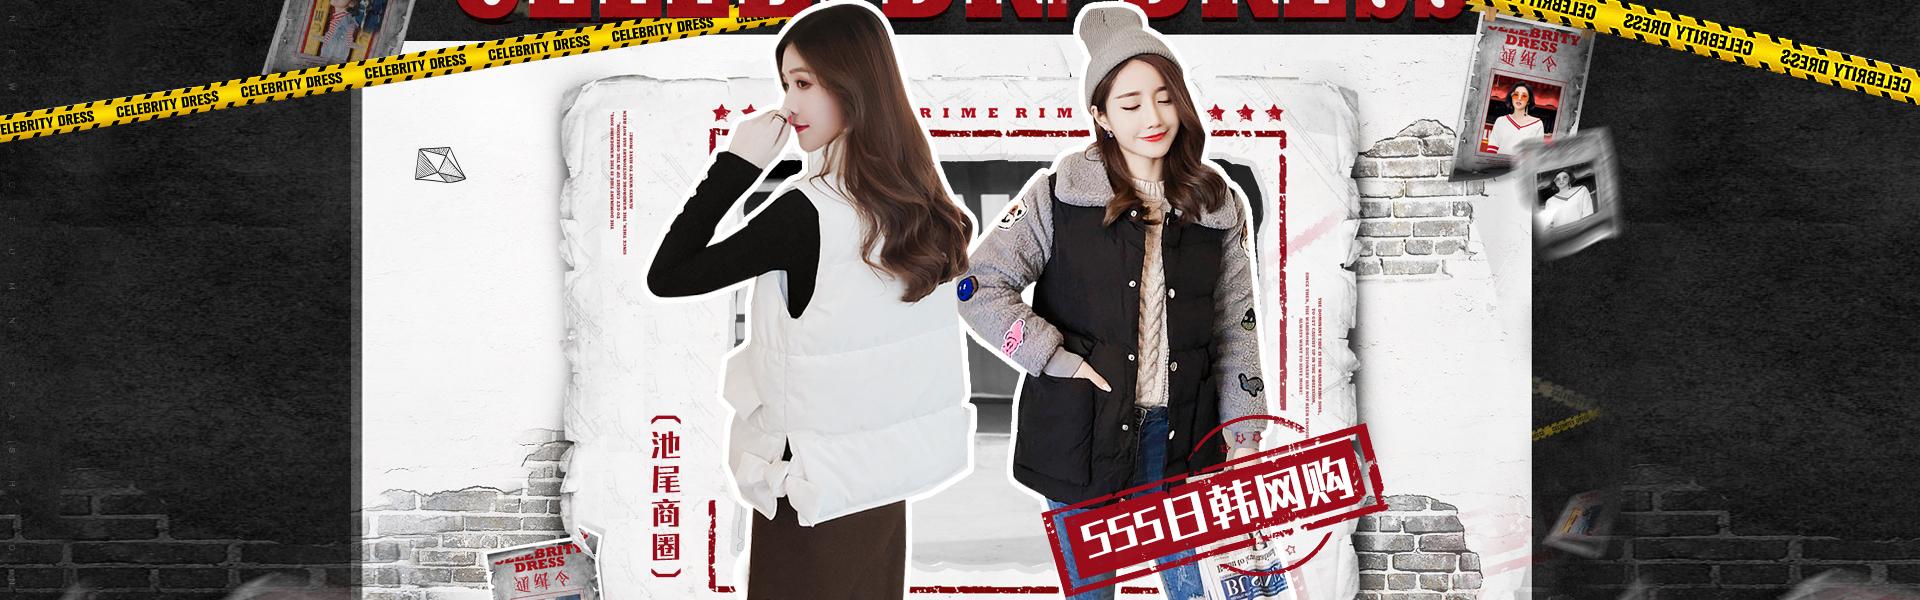 555日韩网购